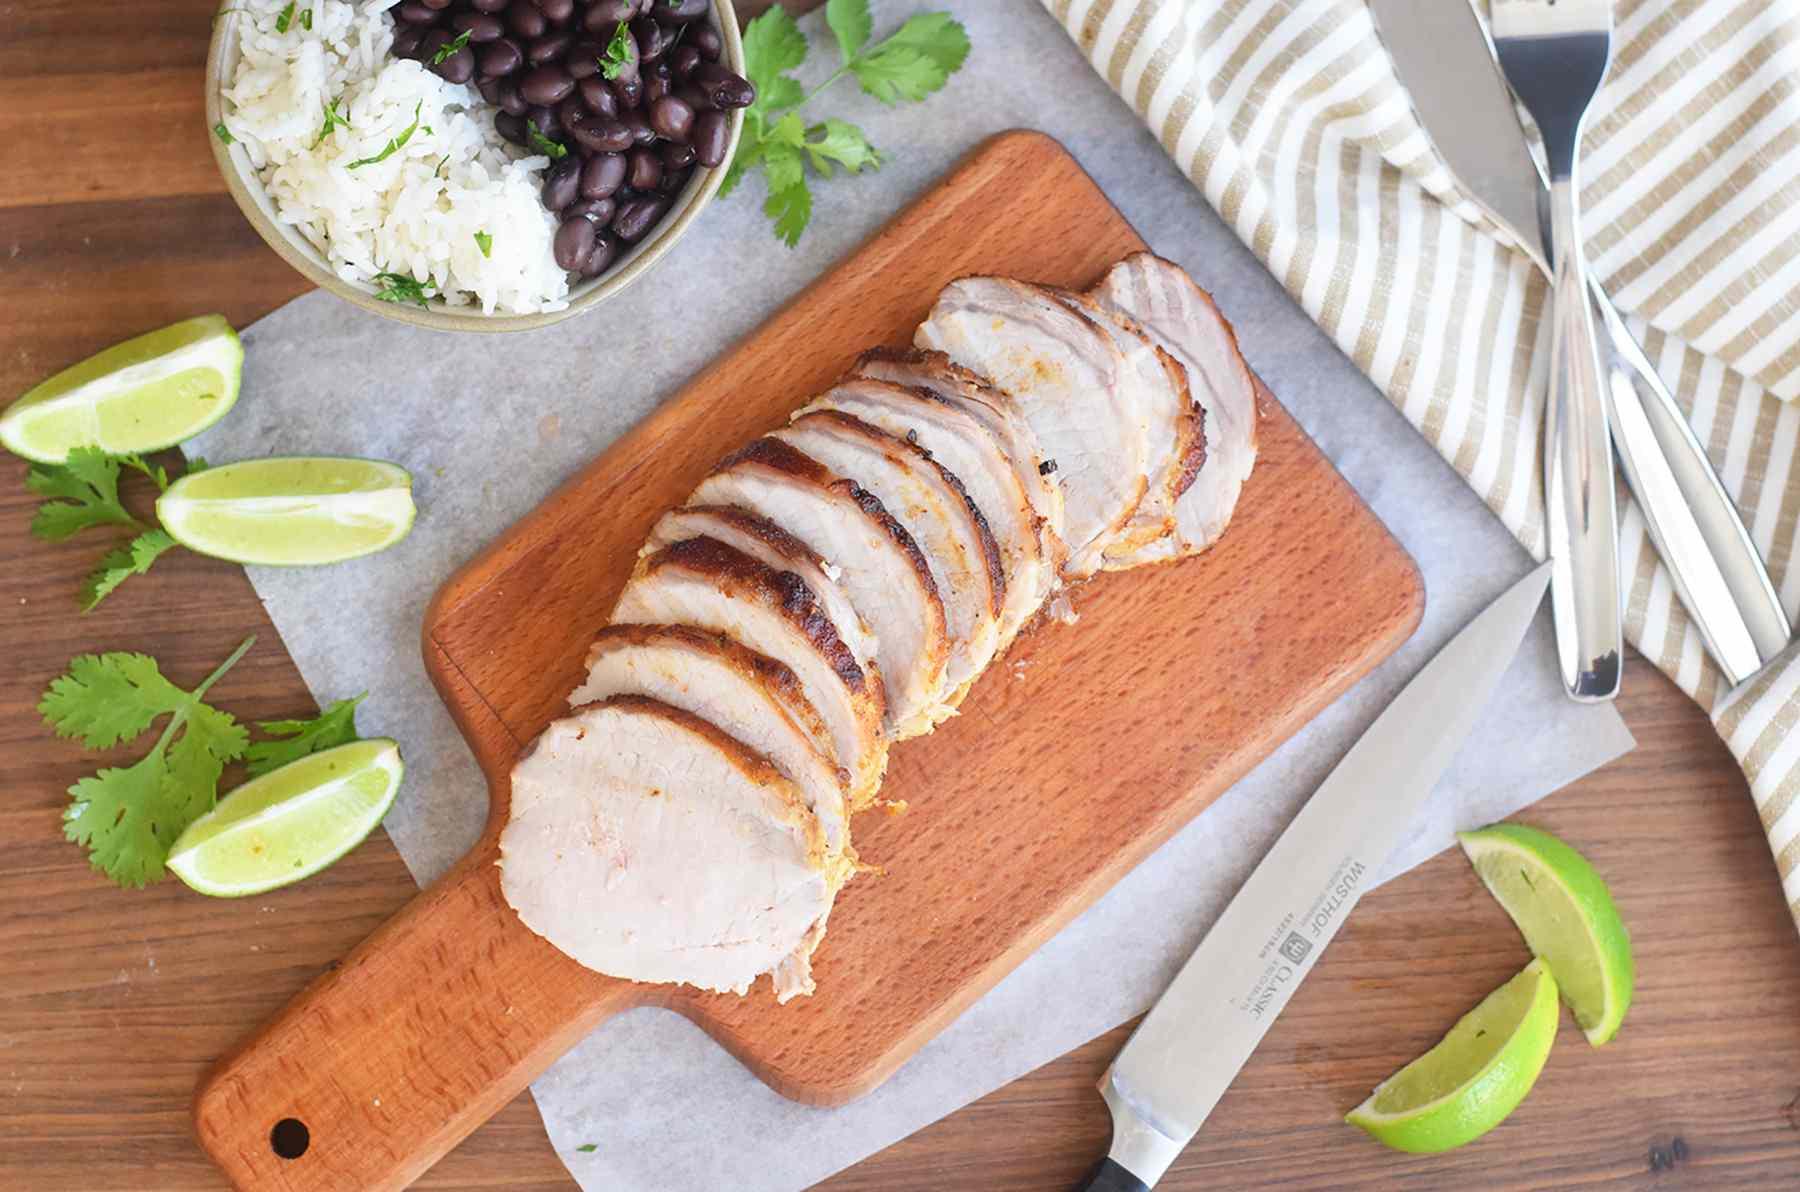 Cuban roast pork sliced on a cutting board